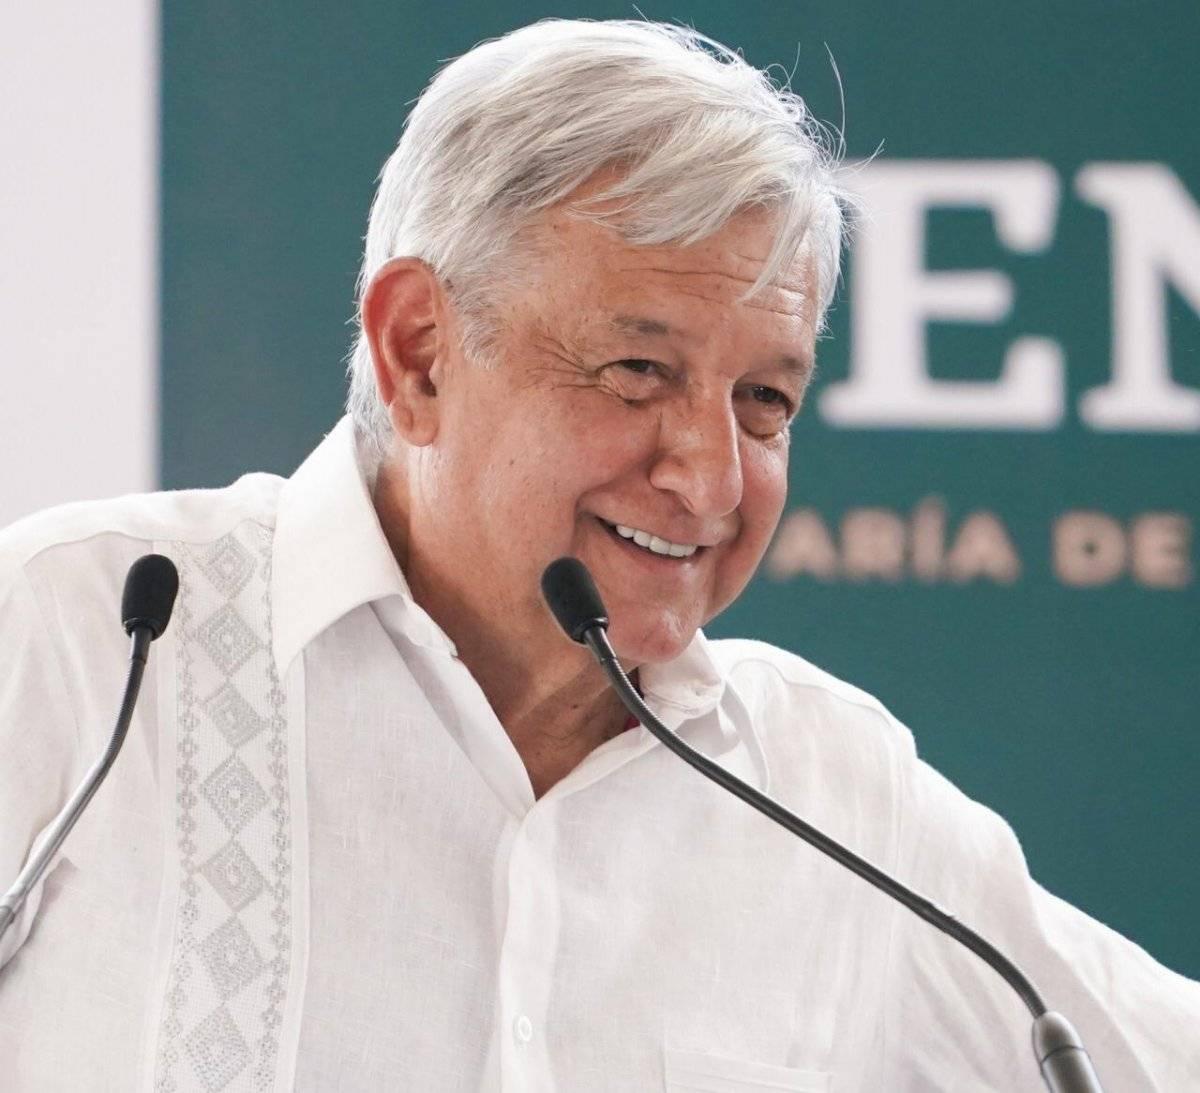 El mandatario dijo que el pueblo decidirá sobre el proyecto. Foto: Presidencia de la República.